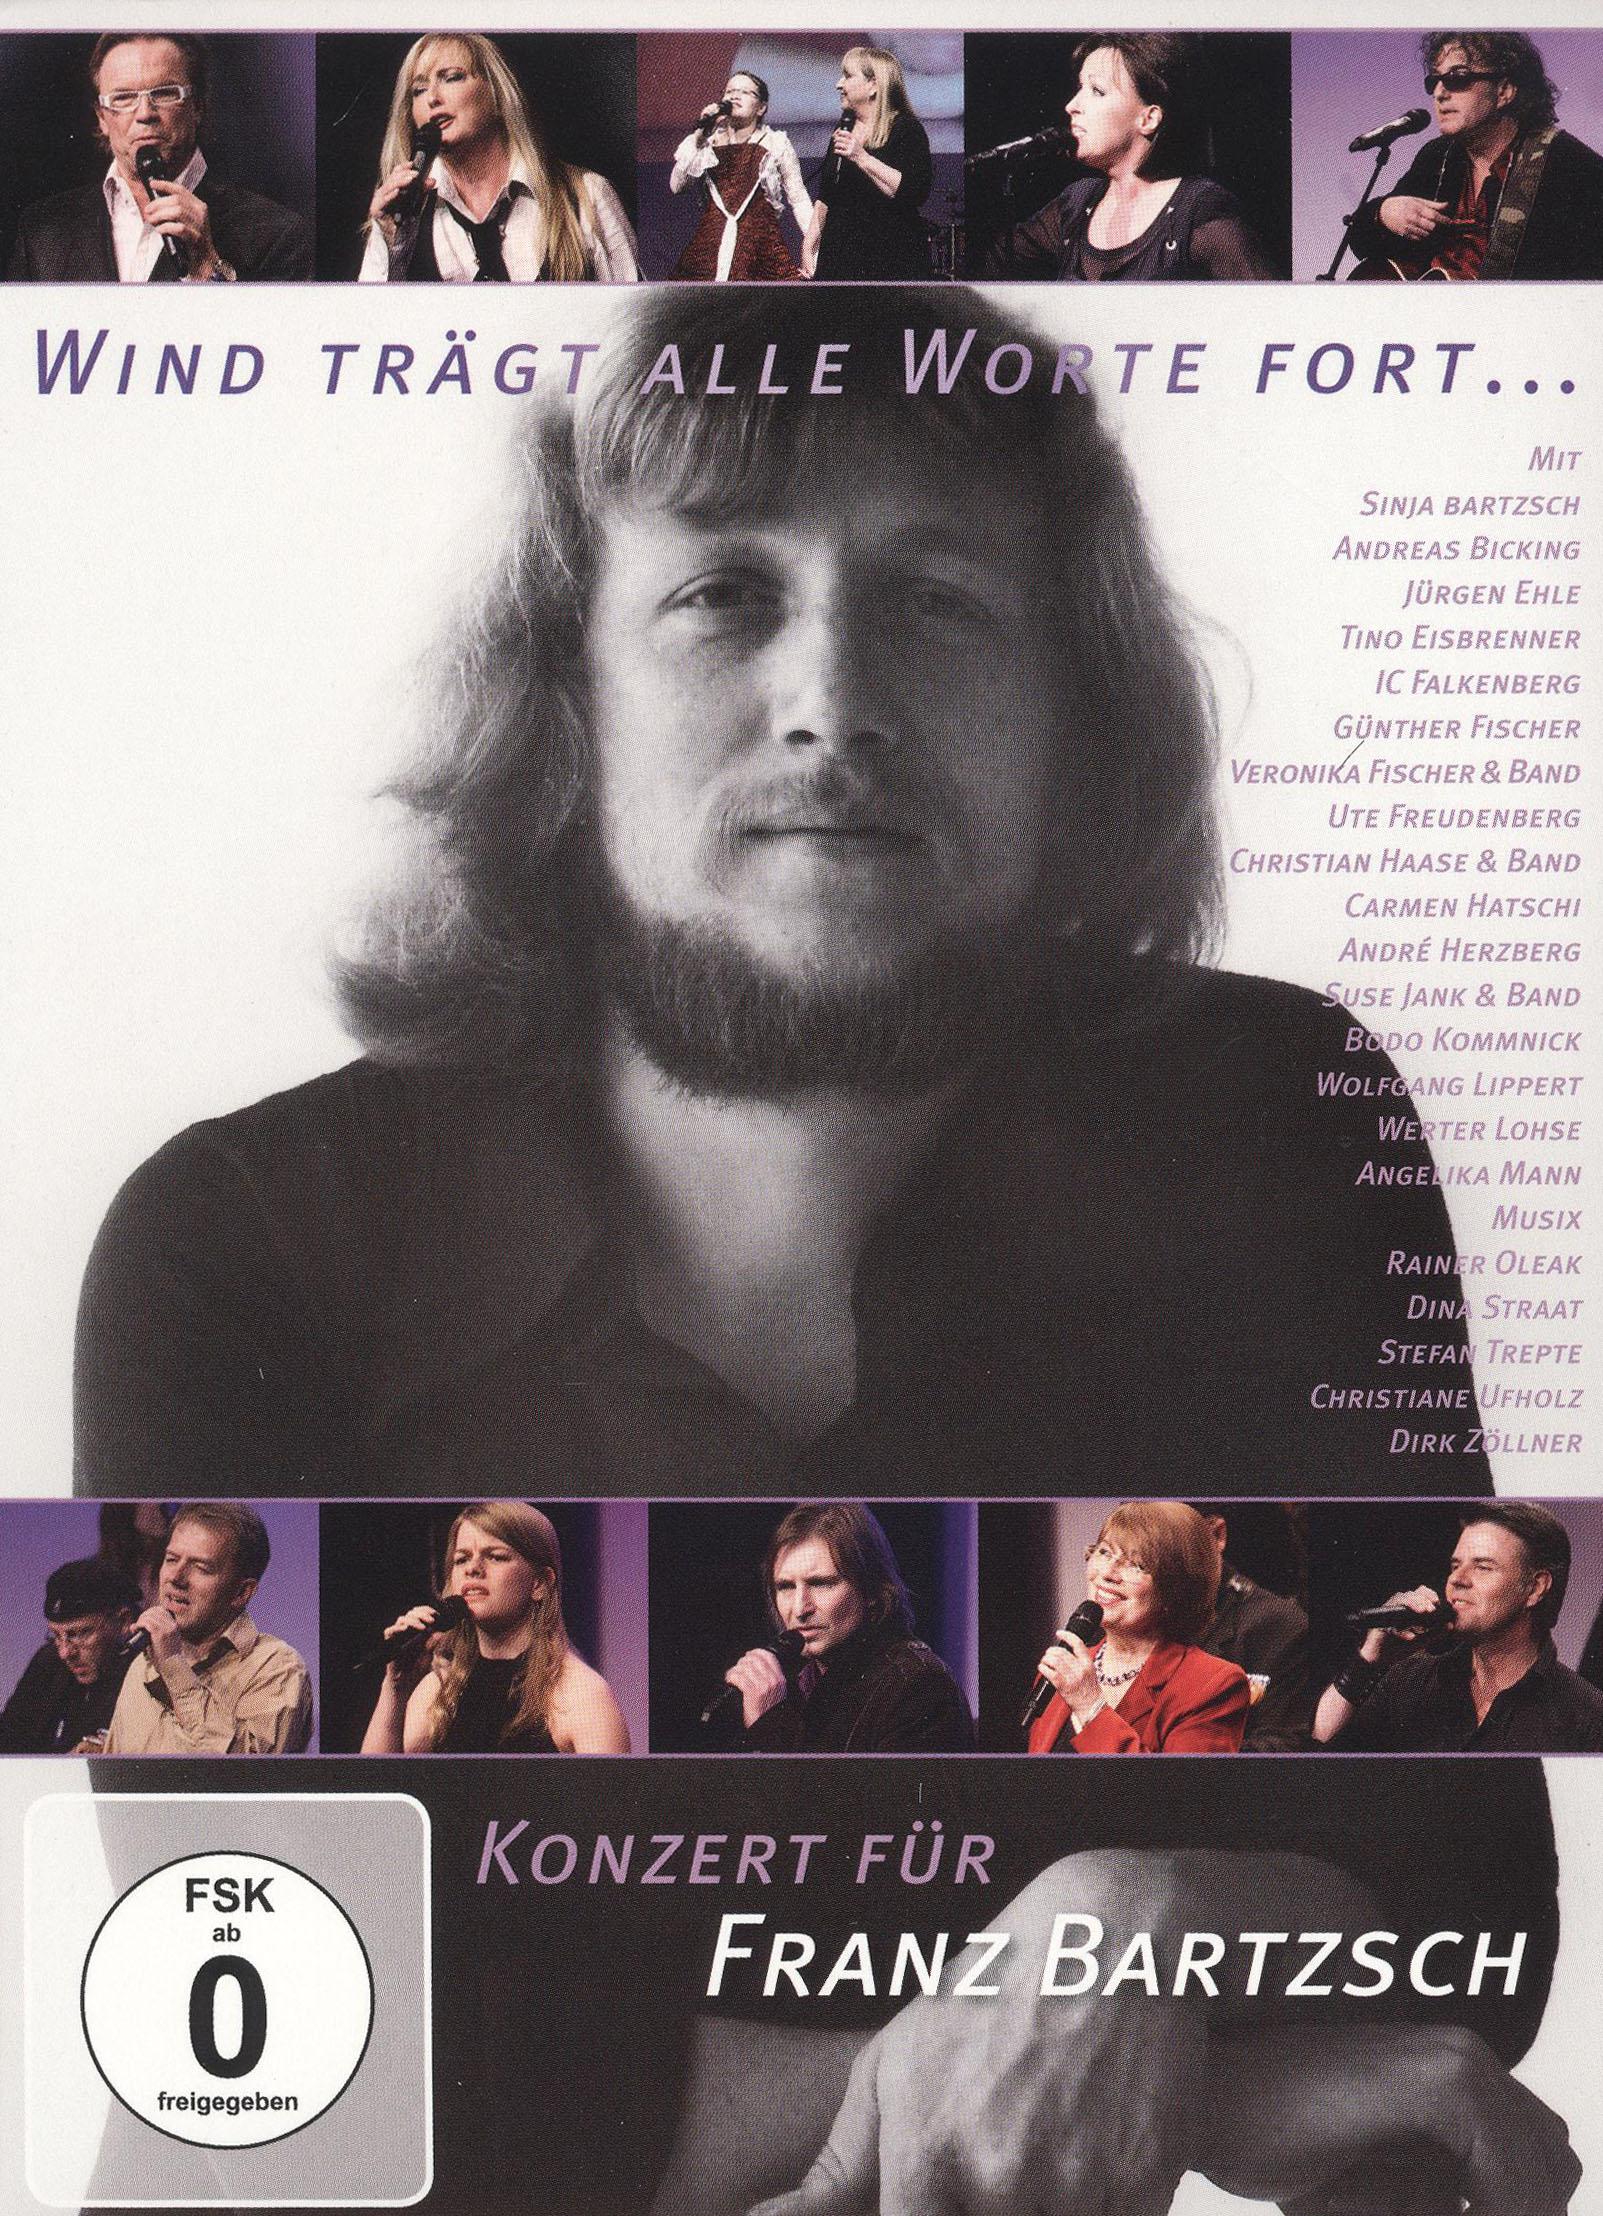 Wind Tragt Alle Wort Fort... Konzert Fur: Franz Bartzsch